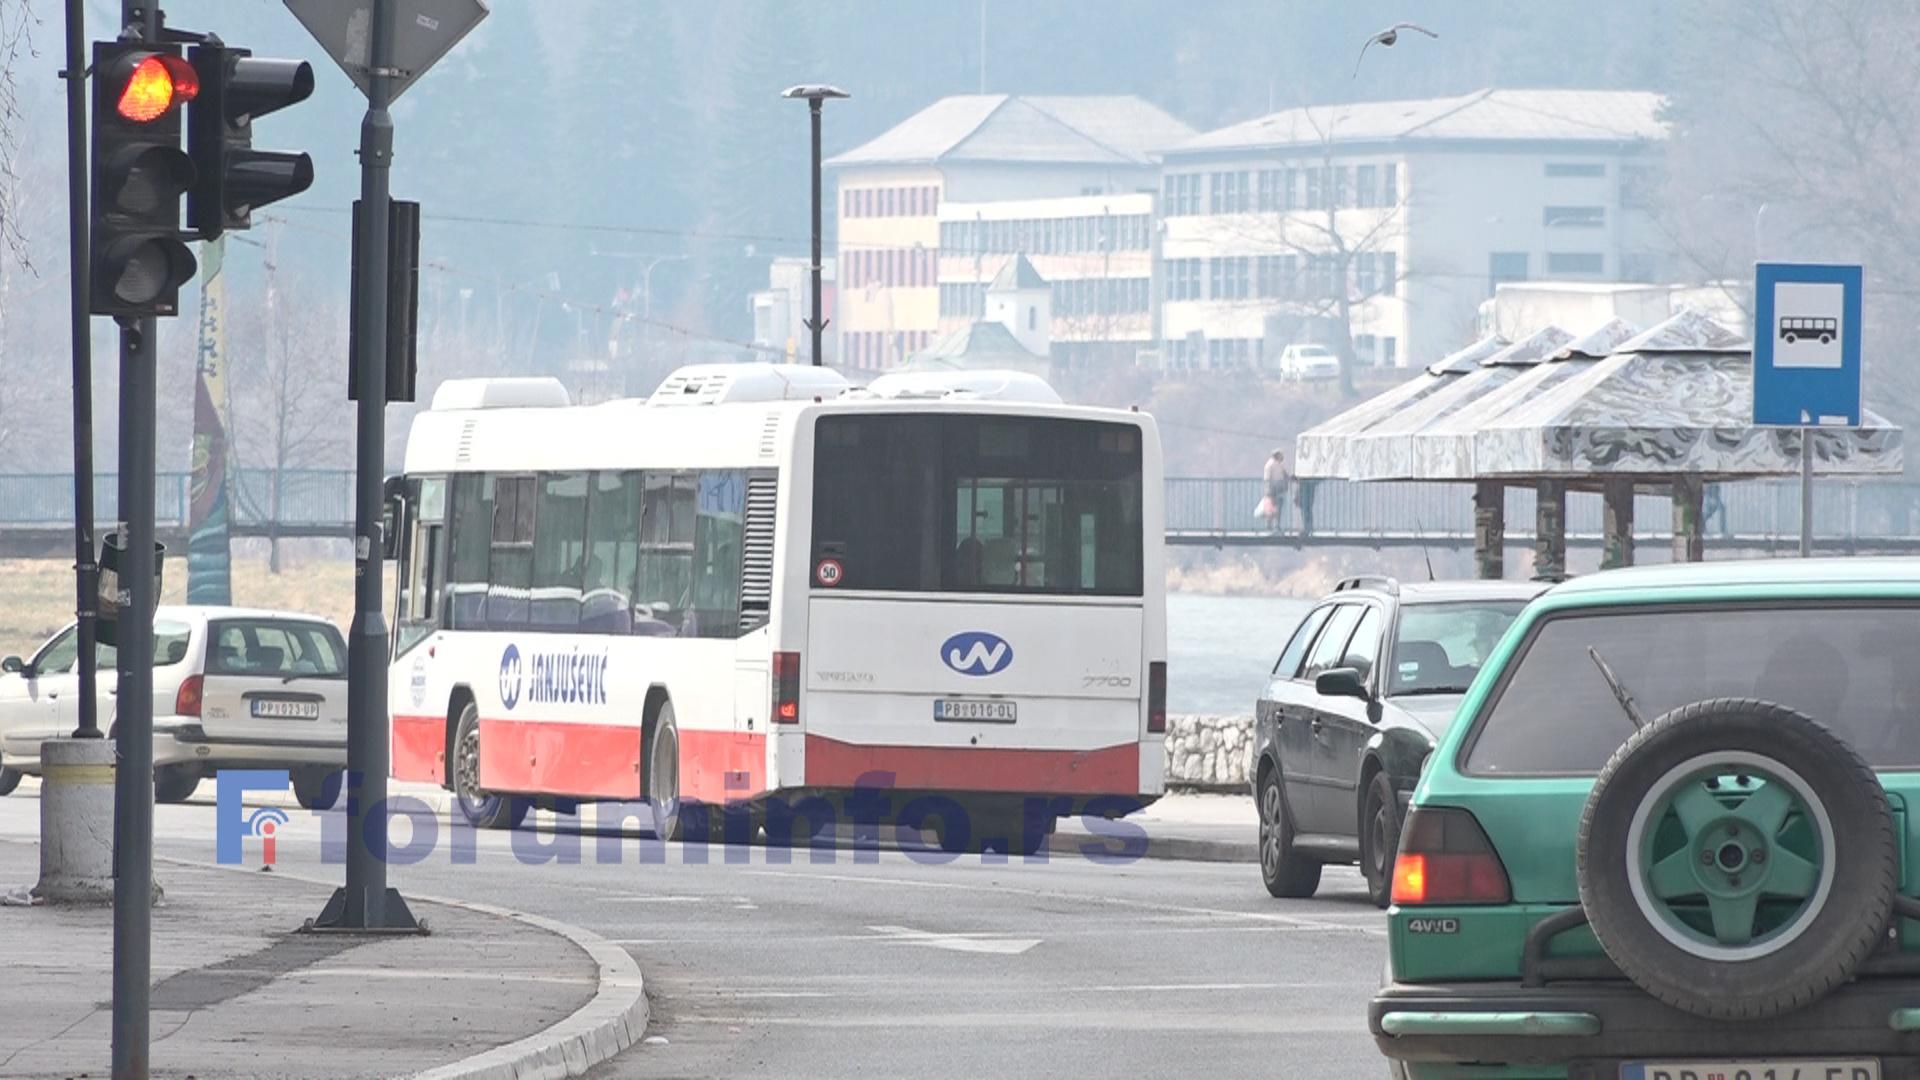 Покренут међуградски превоз – Први аутобуси из Пријепоља кренули за Београд